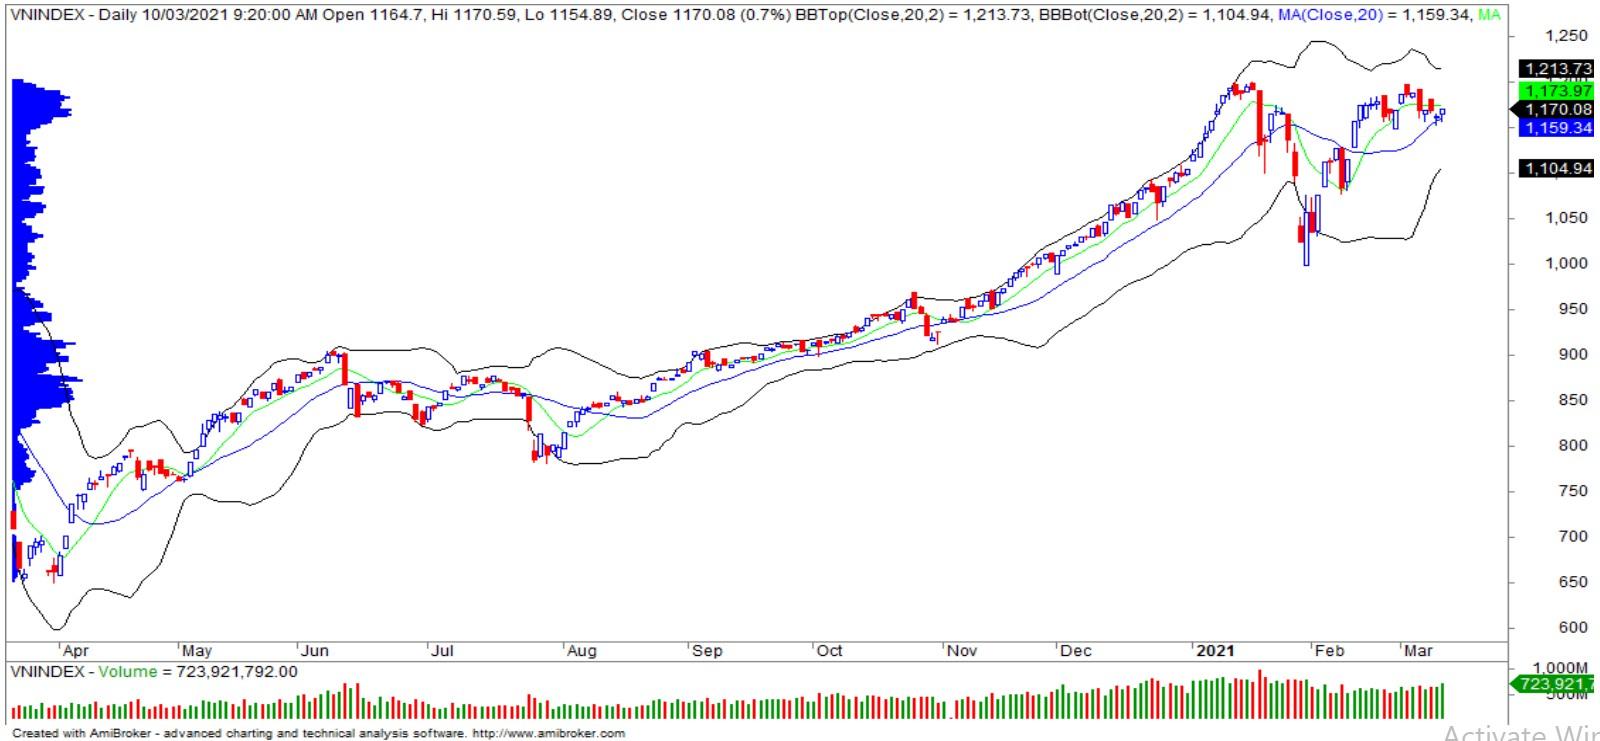 Nhận định thị trường chứng khoán ngày 11/3: Thử thách vùng kháng cự 1.175 - 1.185 điểm - Ảnh 1.